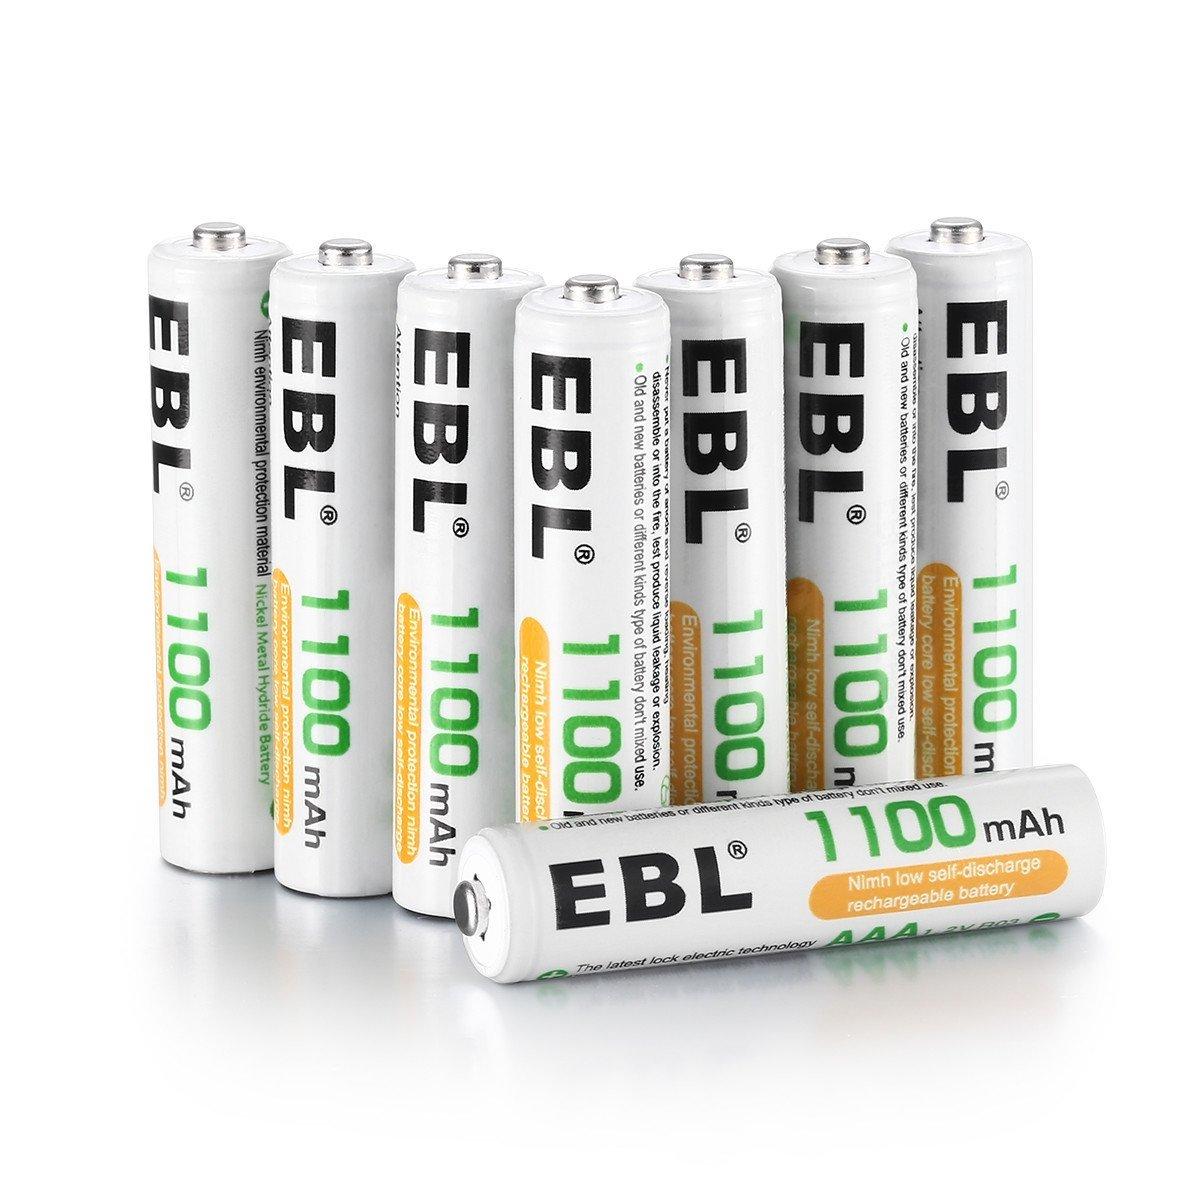 EBL 単4形充電池 充電式ニッケル水素電池 高容量1100mAh 8本入り 約1200回使用可能 ケース2個付き 単四充電池 _画像1